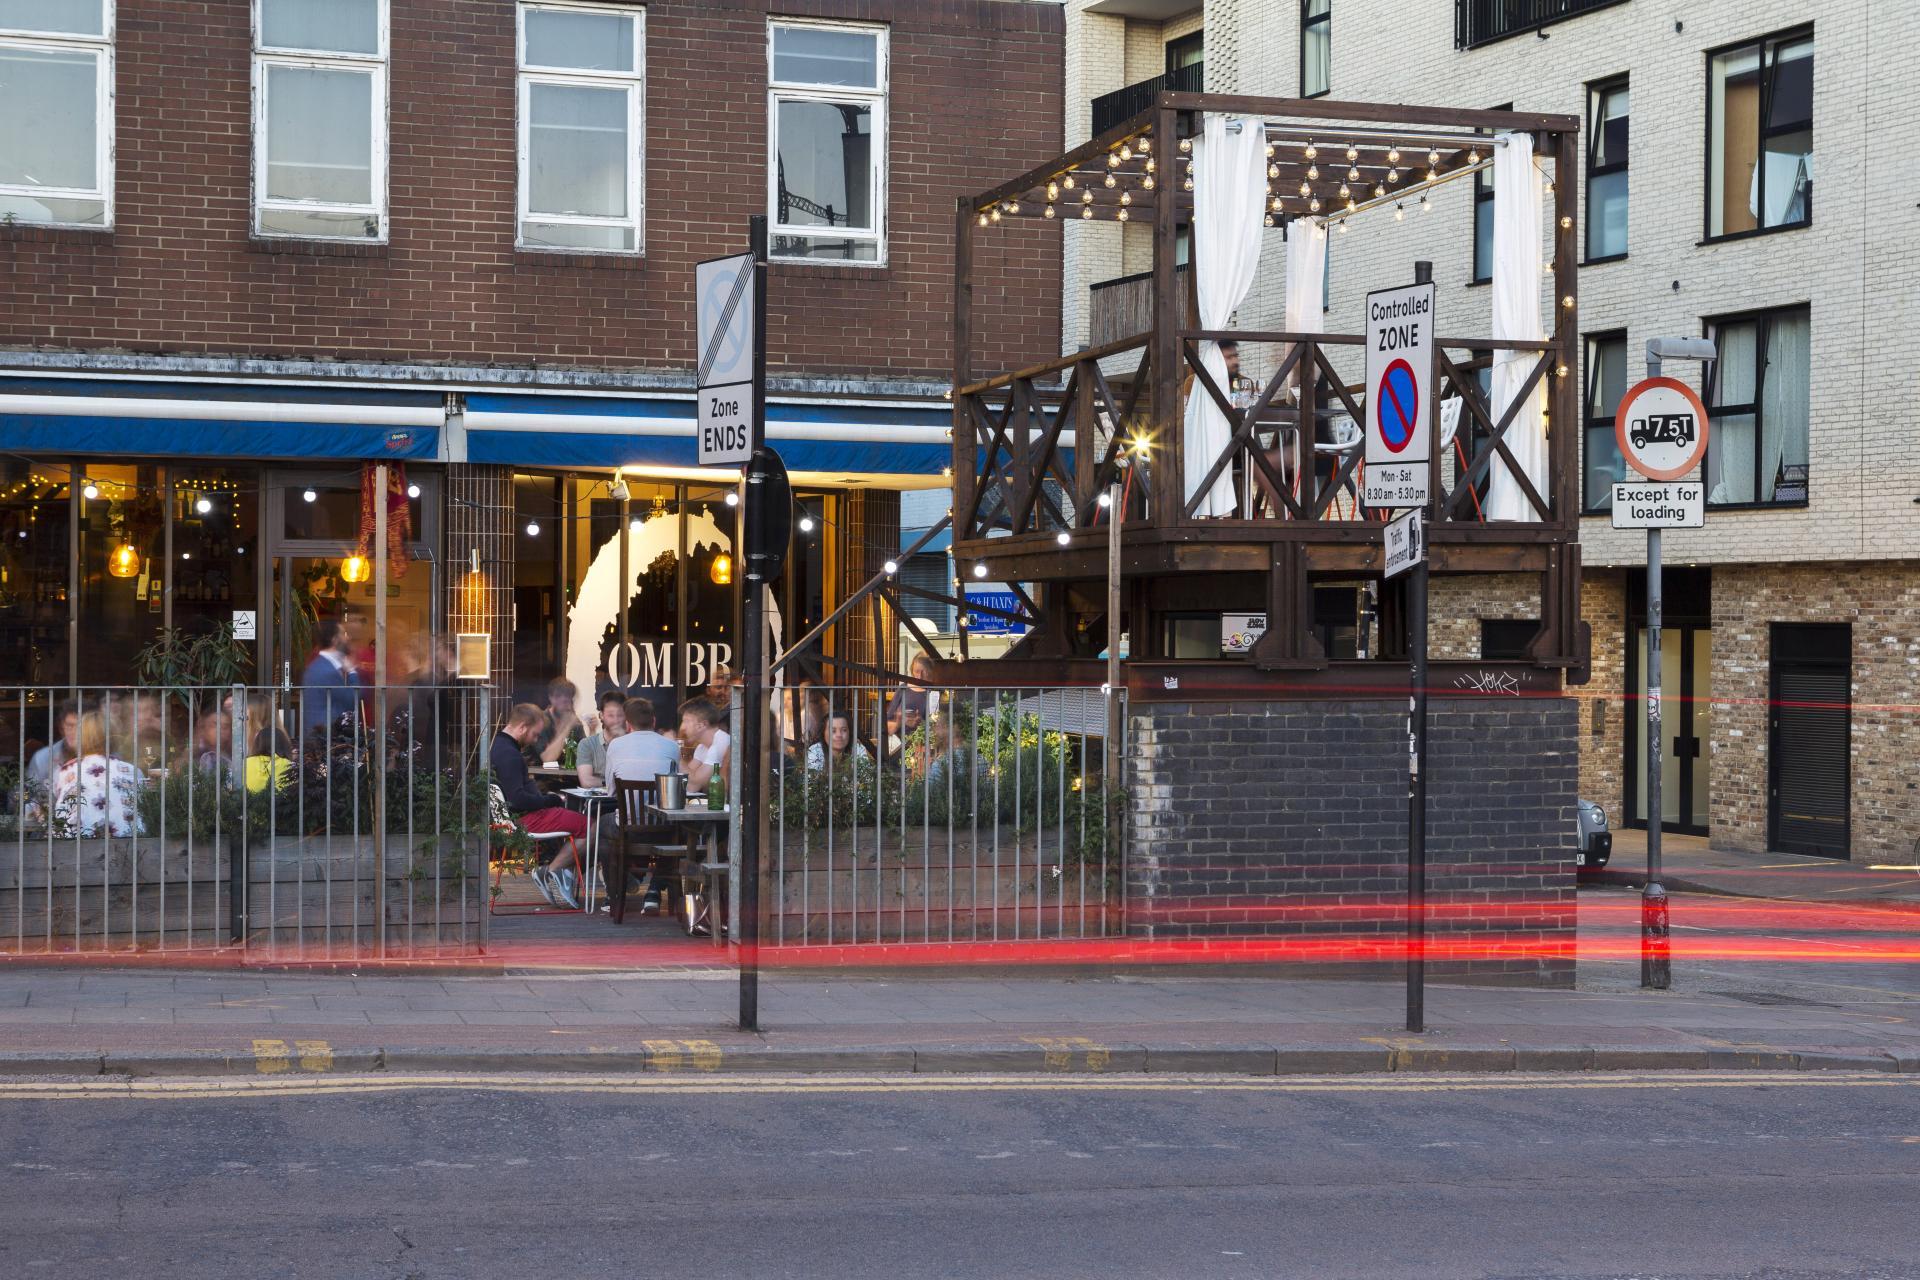 London's outdoor restaurants | Ombra, Hackney